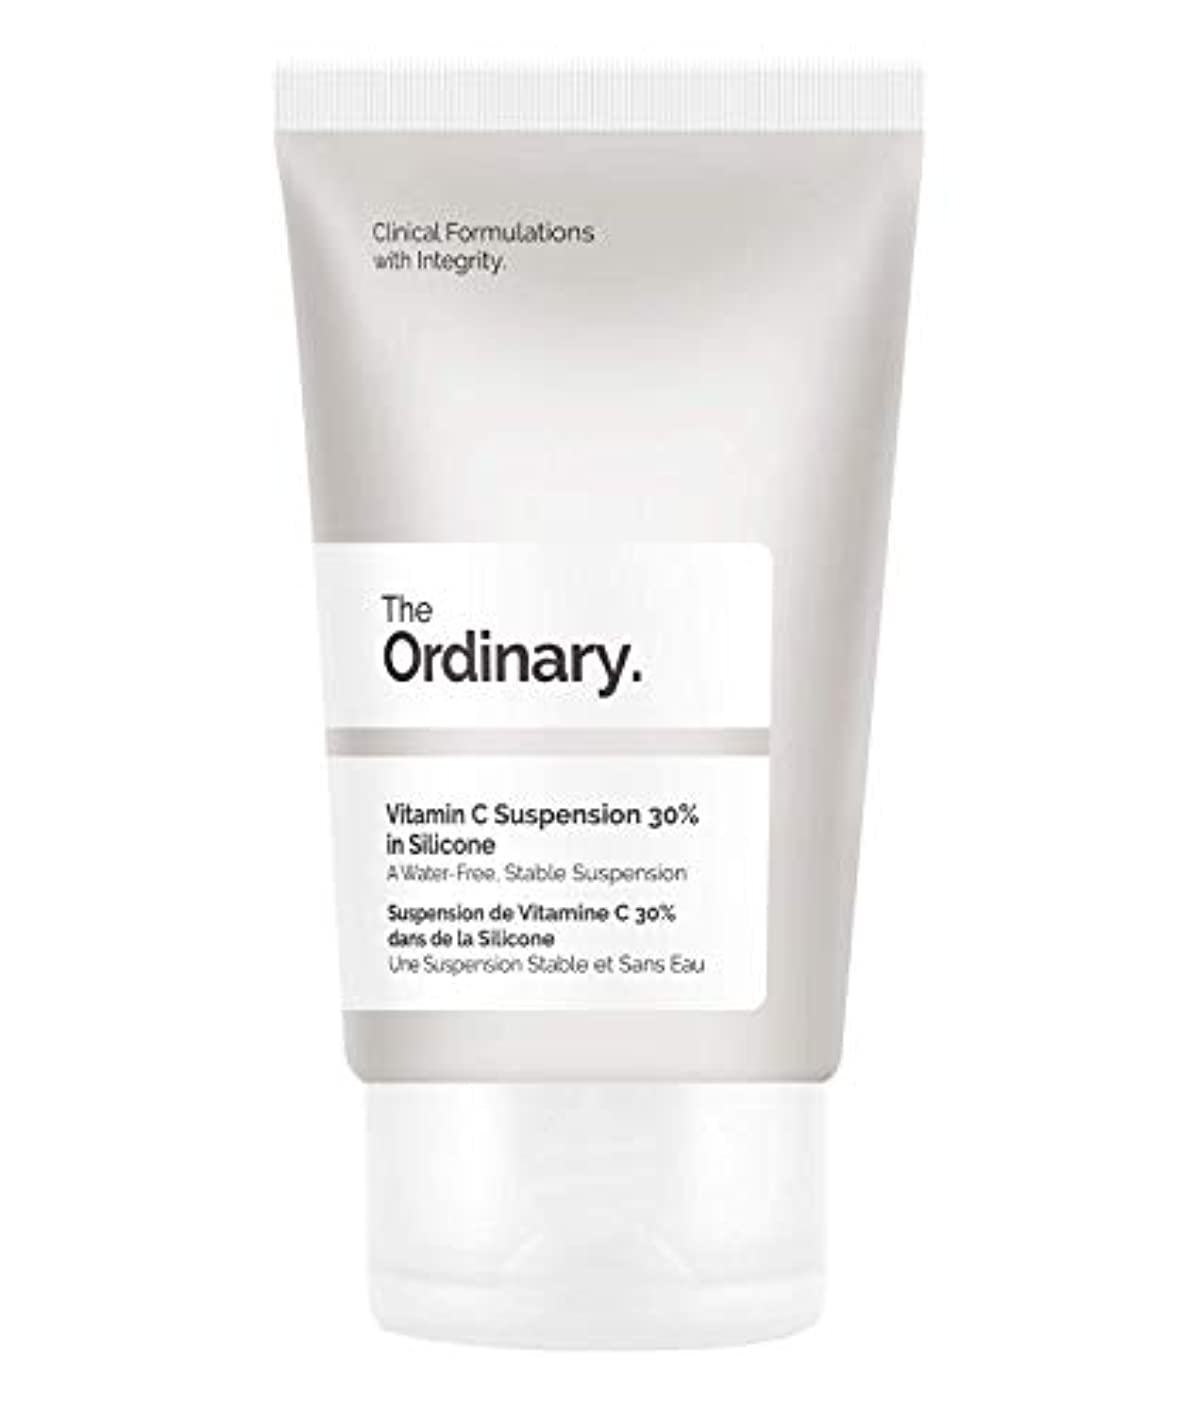 バージンアドバンテージピクニックThe Ordinary Vitamin C Suspension 30% in Silicone FULL SIZE 30ml